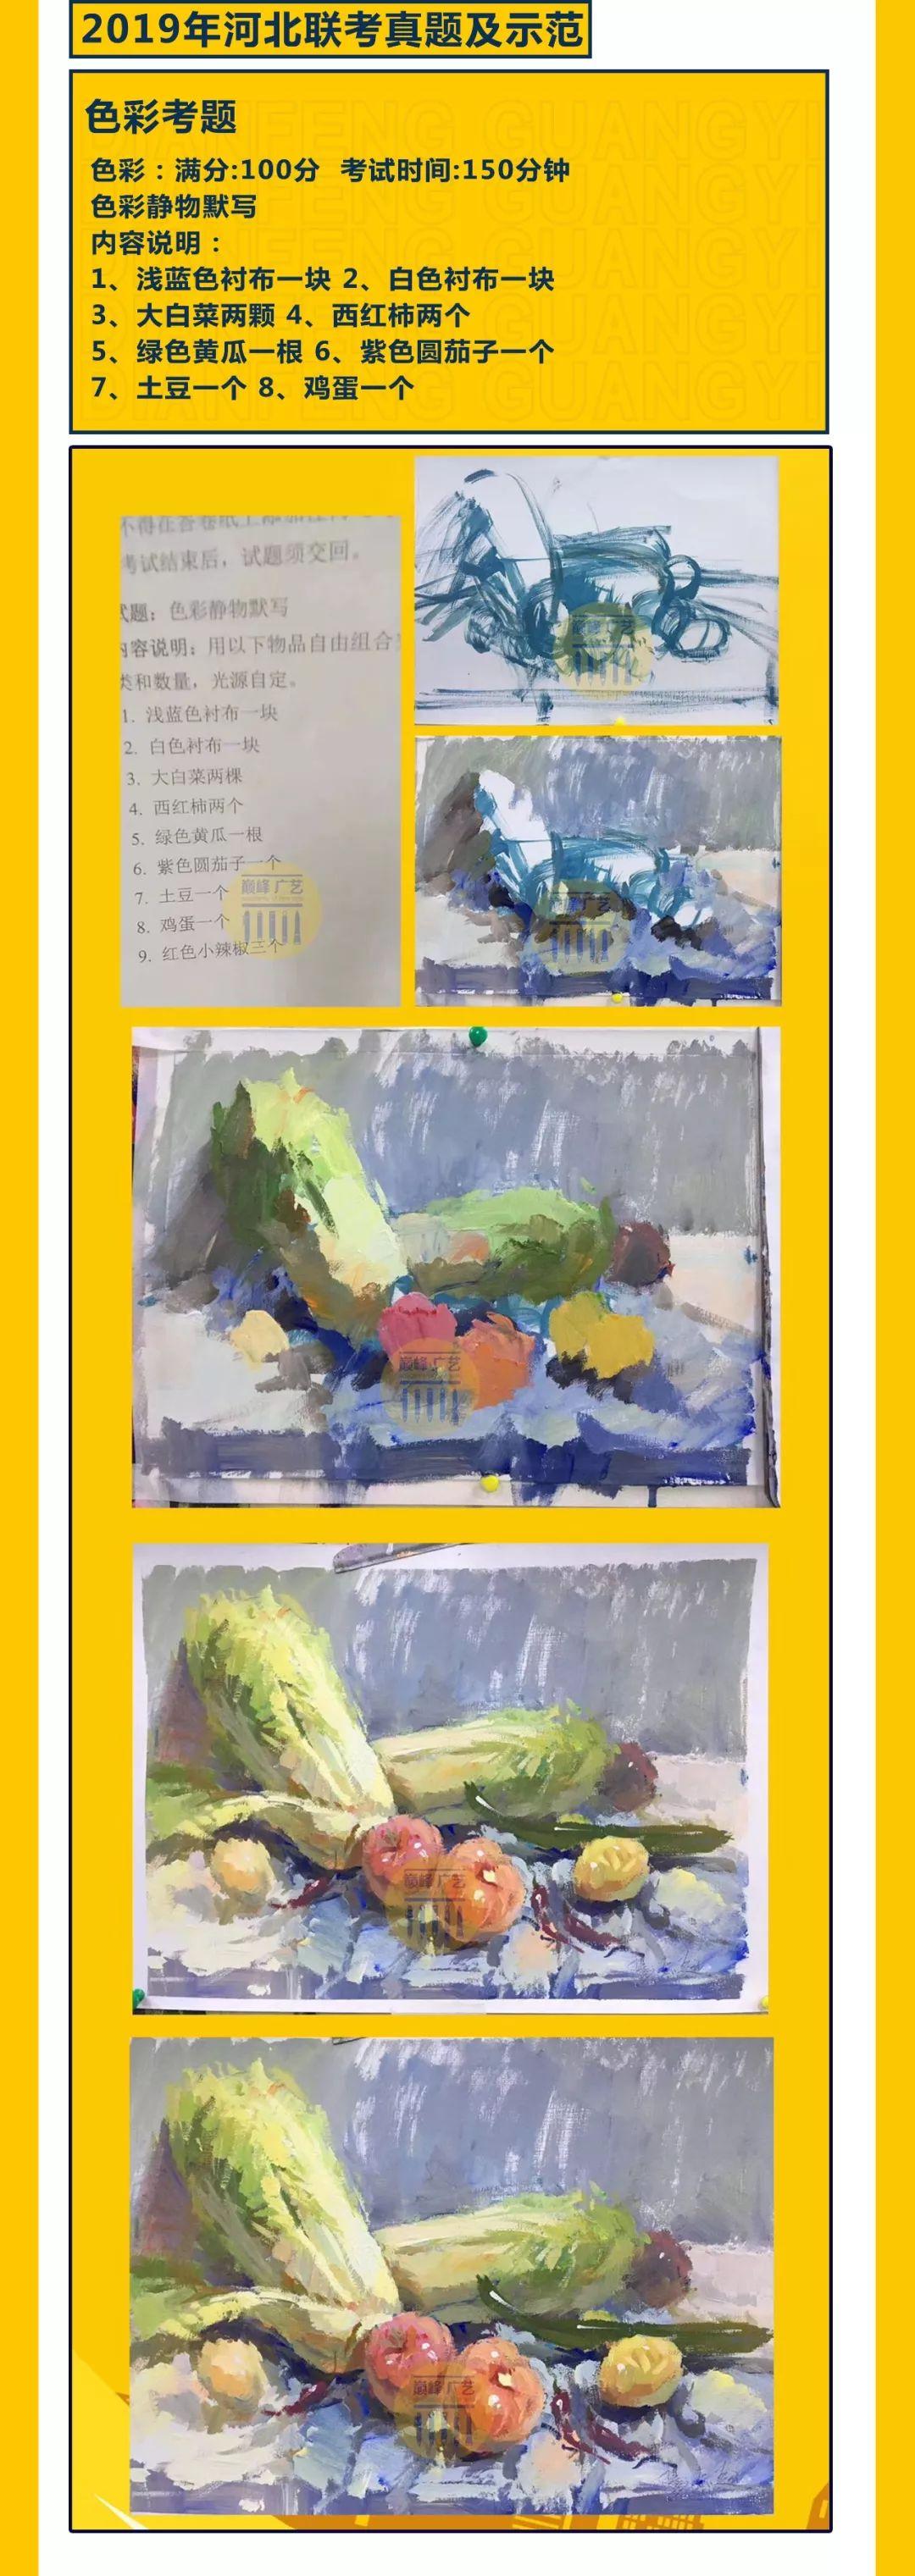 【北京巅峰广艺】联考时间、考题大纲等重要信息为你一网打尽!,美术联考,美术联考考题   06